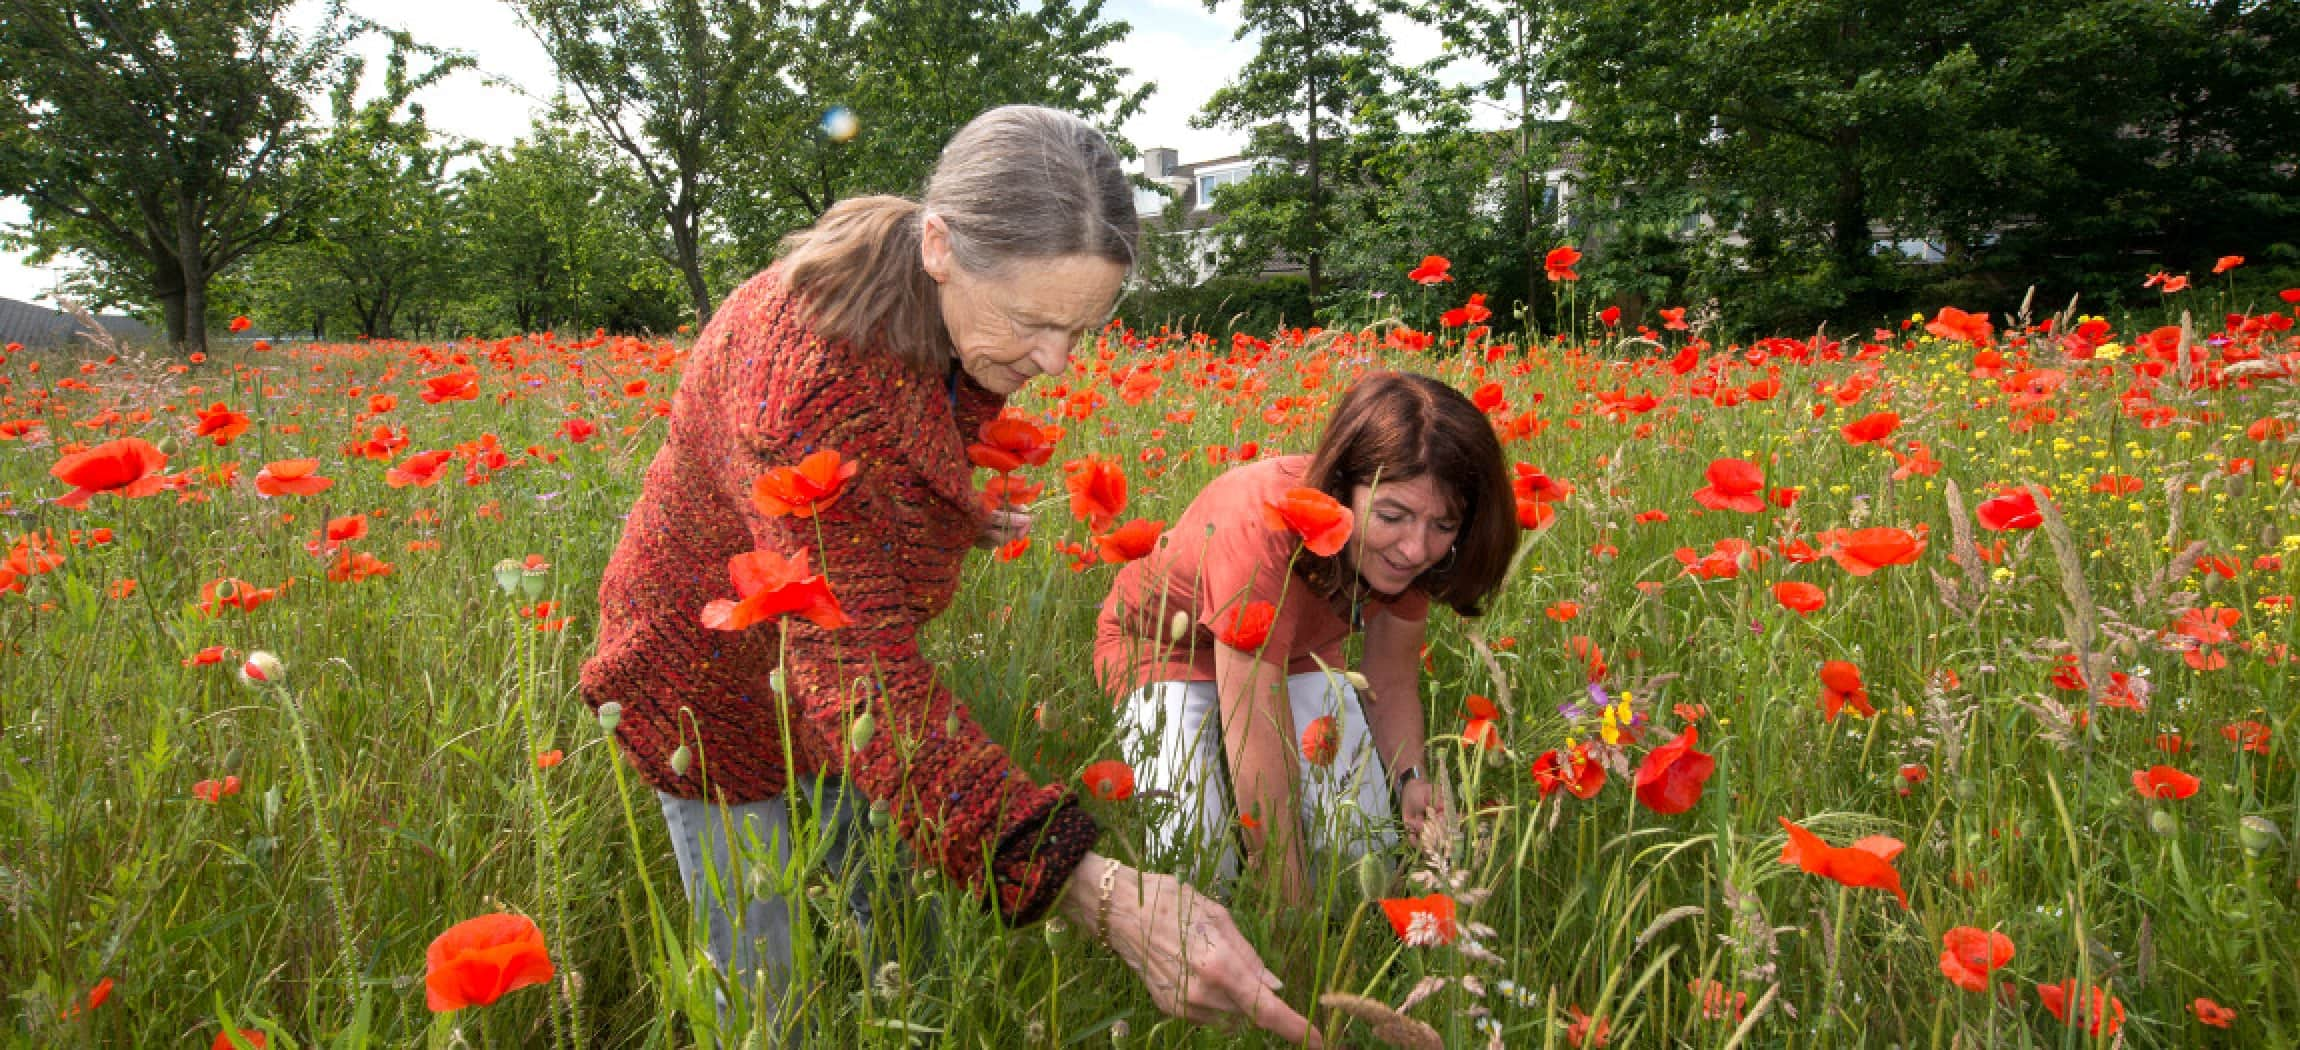 Klaprozen veld met 2 vrouwen in natuur